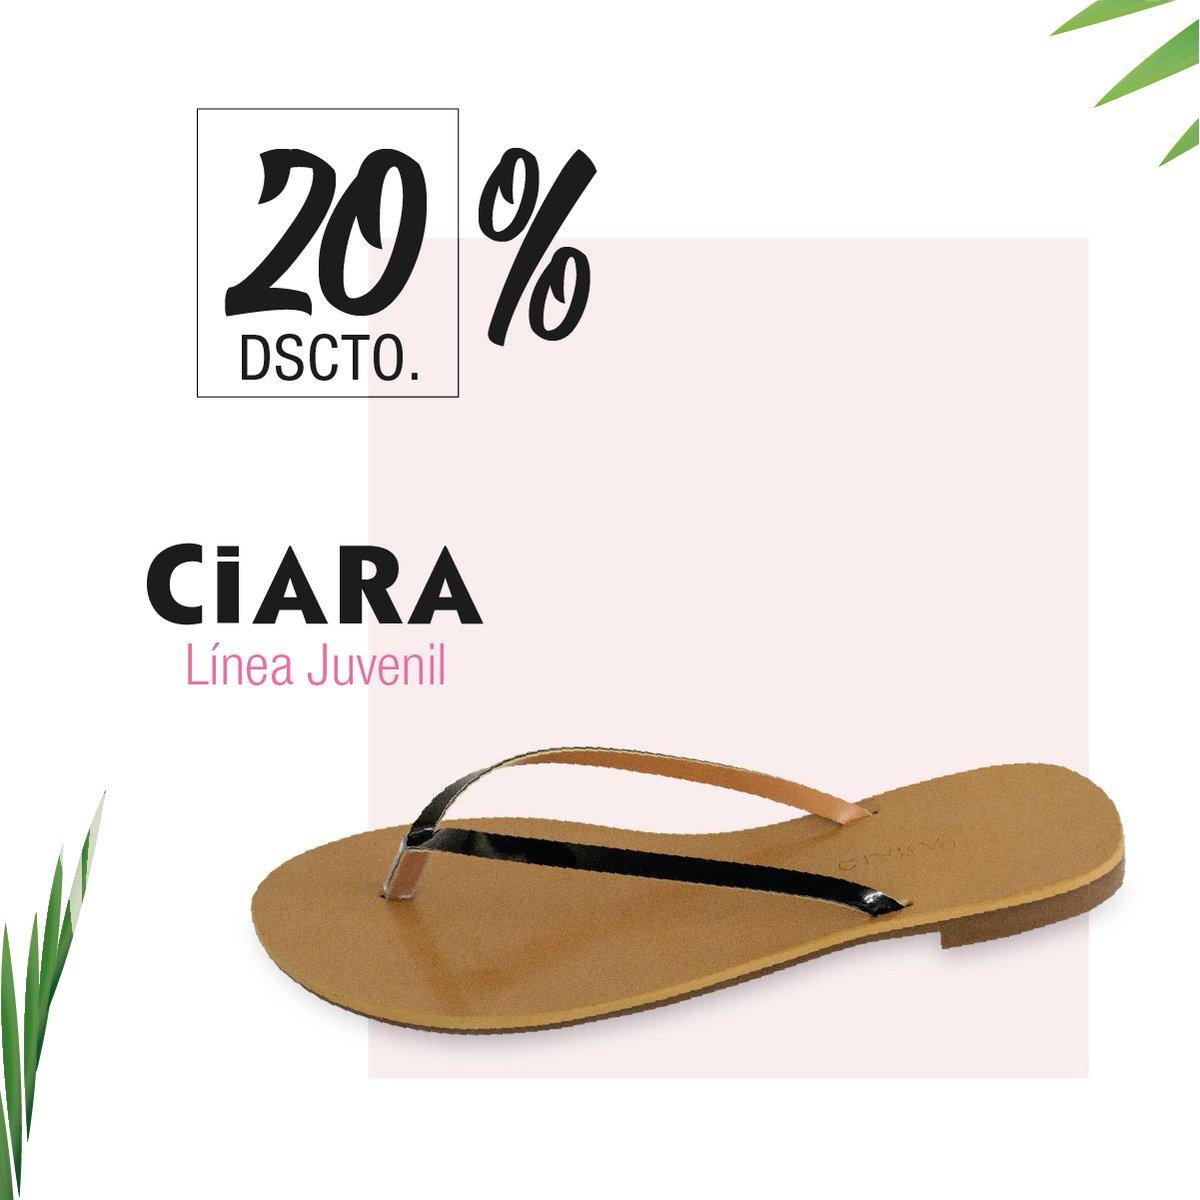 Nos encantan las sandalias 😊 😍 20% de descuento solo en #CiaraCalzados Encuéntralas en todas nuestras tiendas.   #LoveSandals